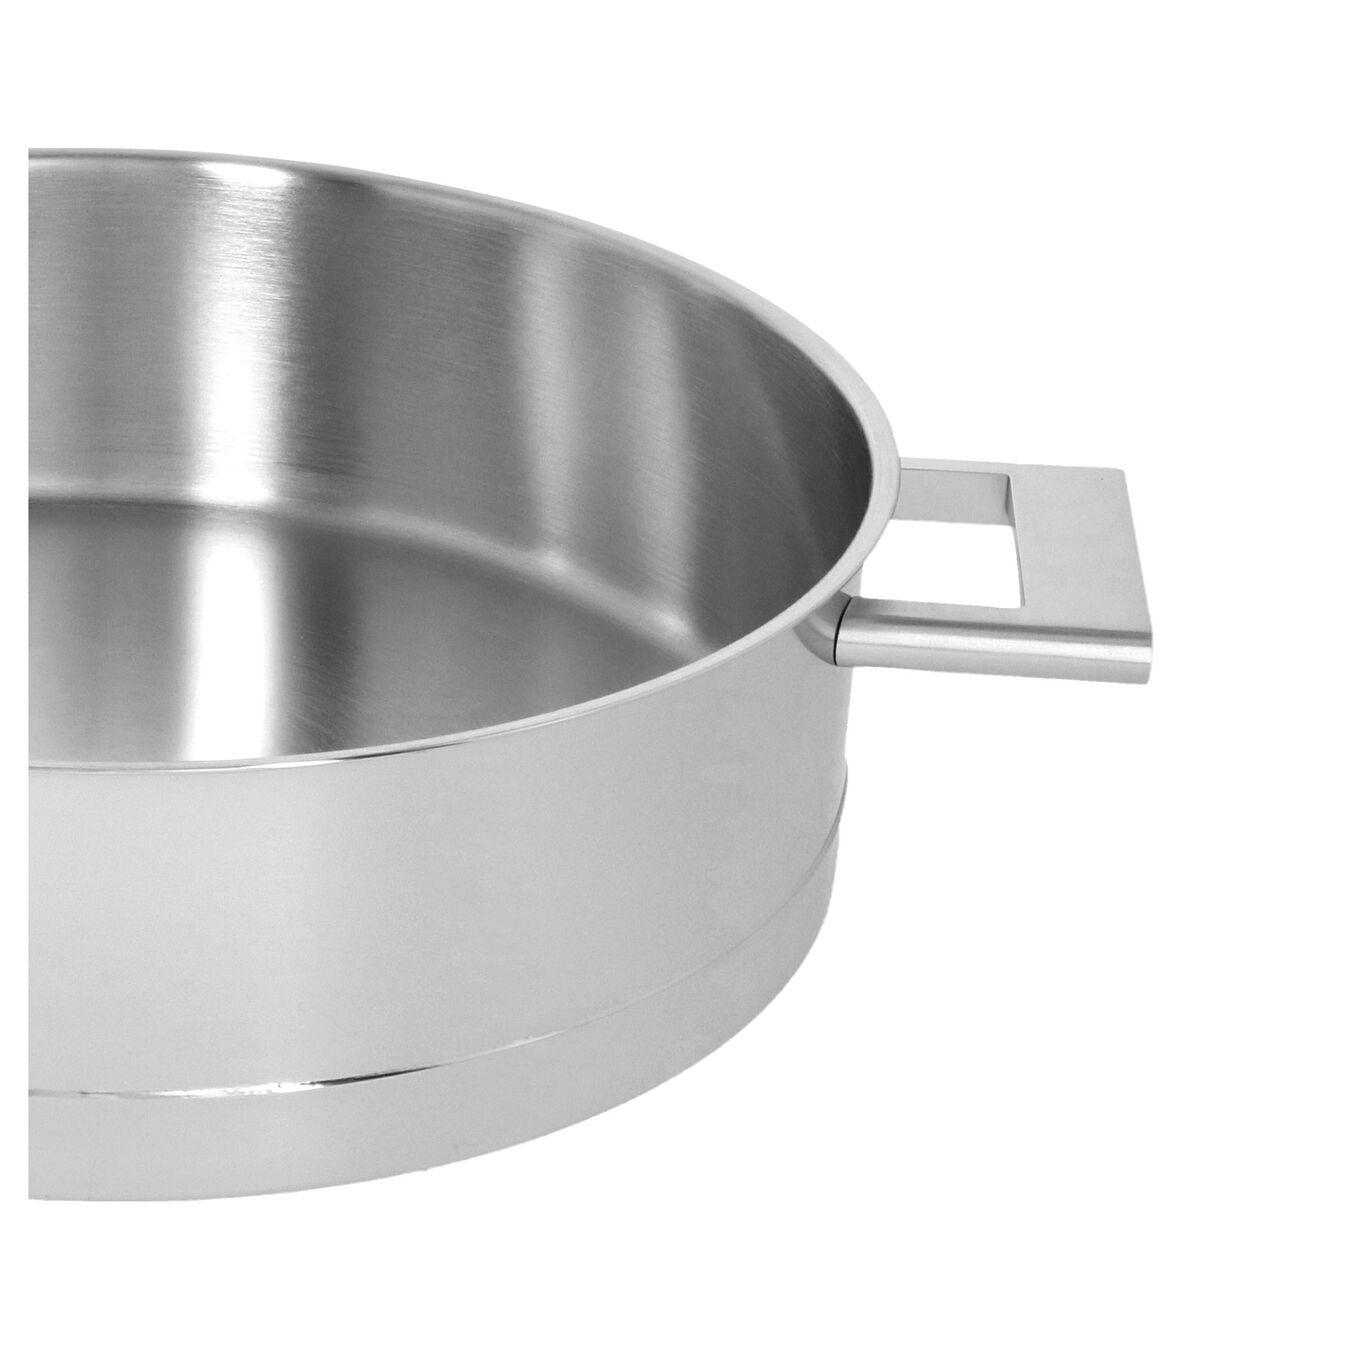 Kookpan met dubbelwandig deksel 28 cm / 4.8 l,,large 2